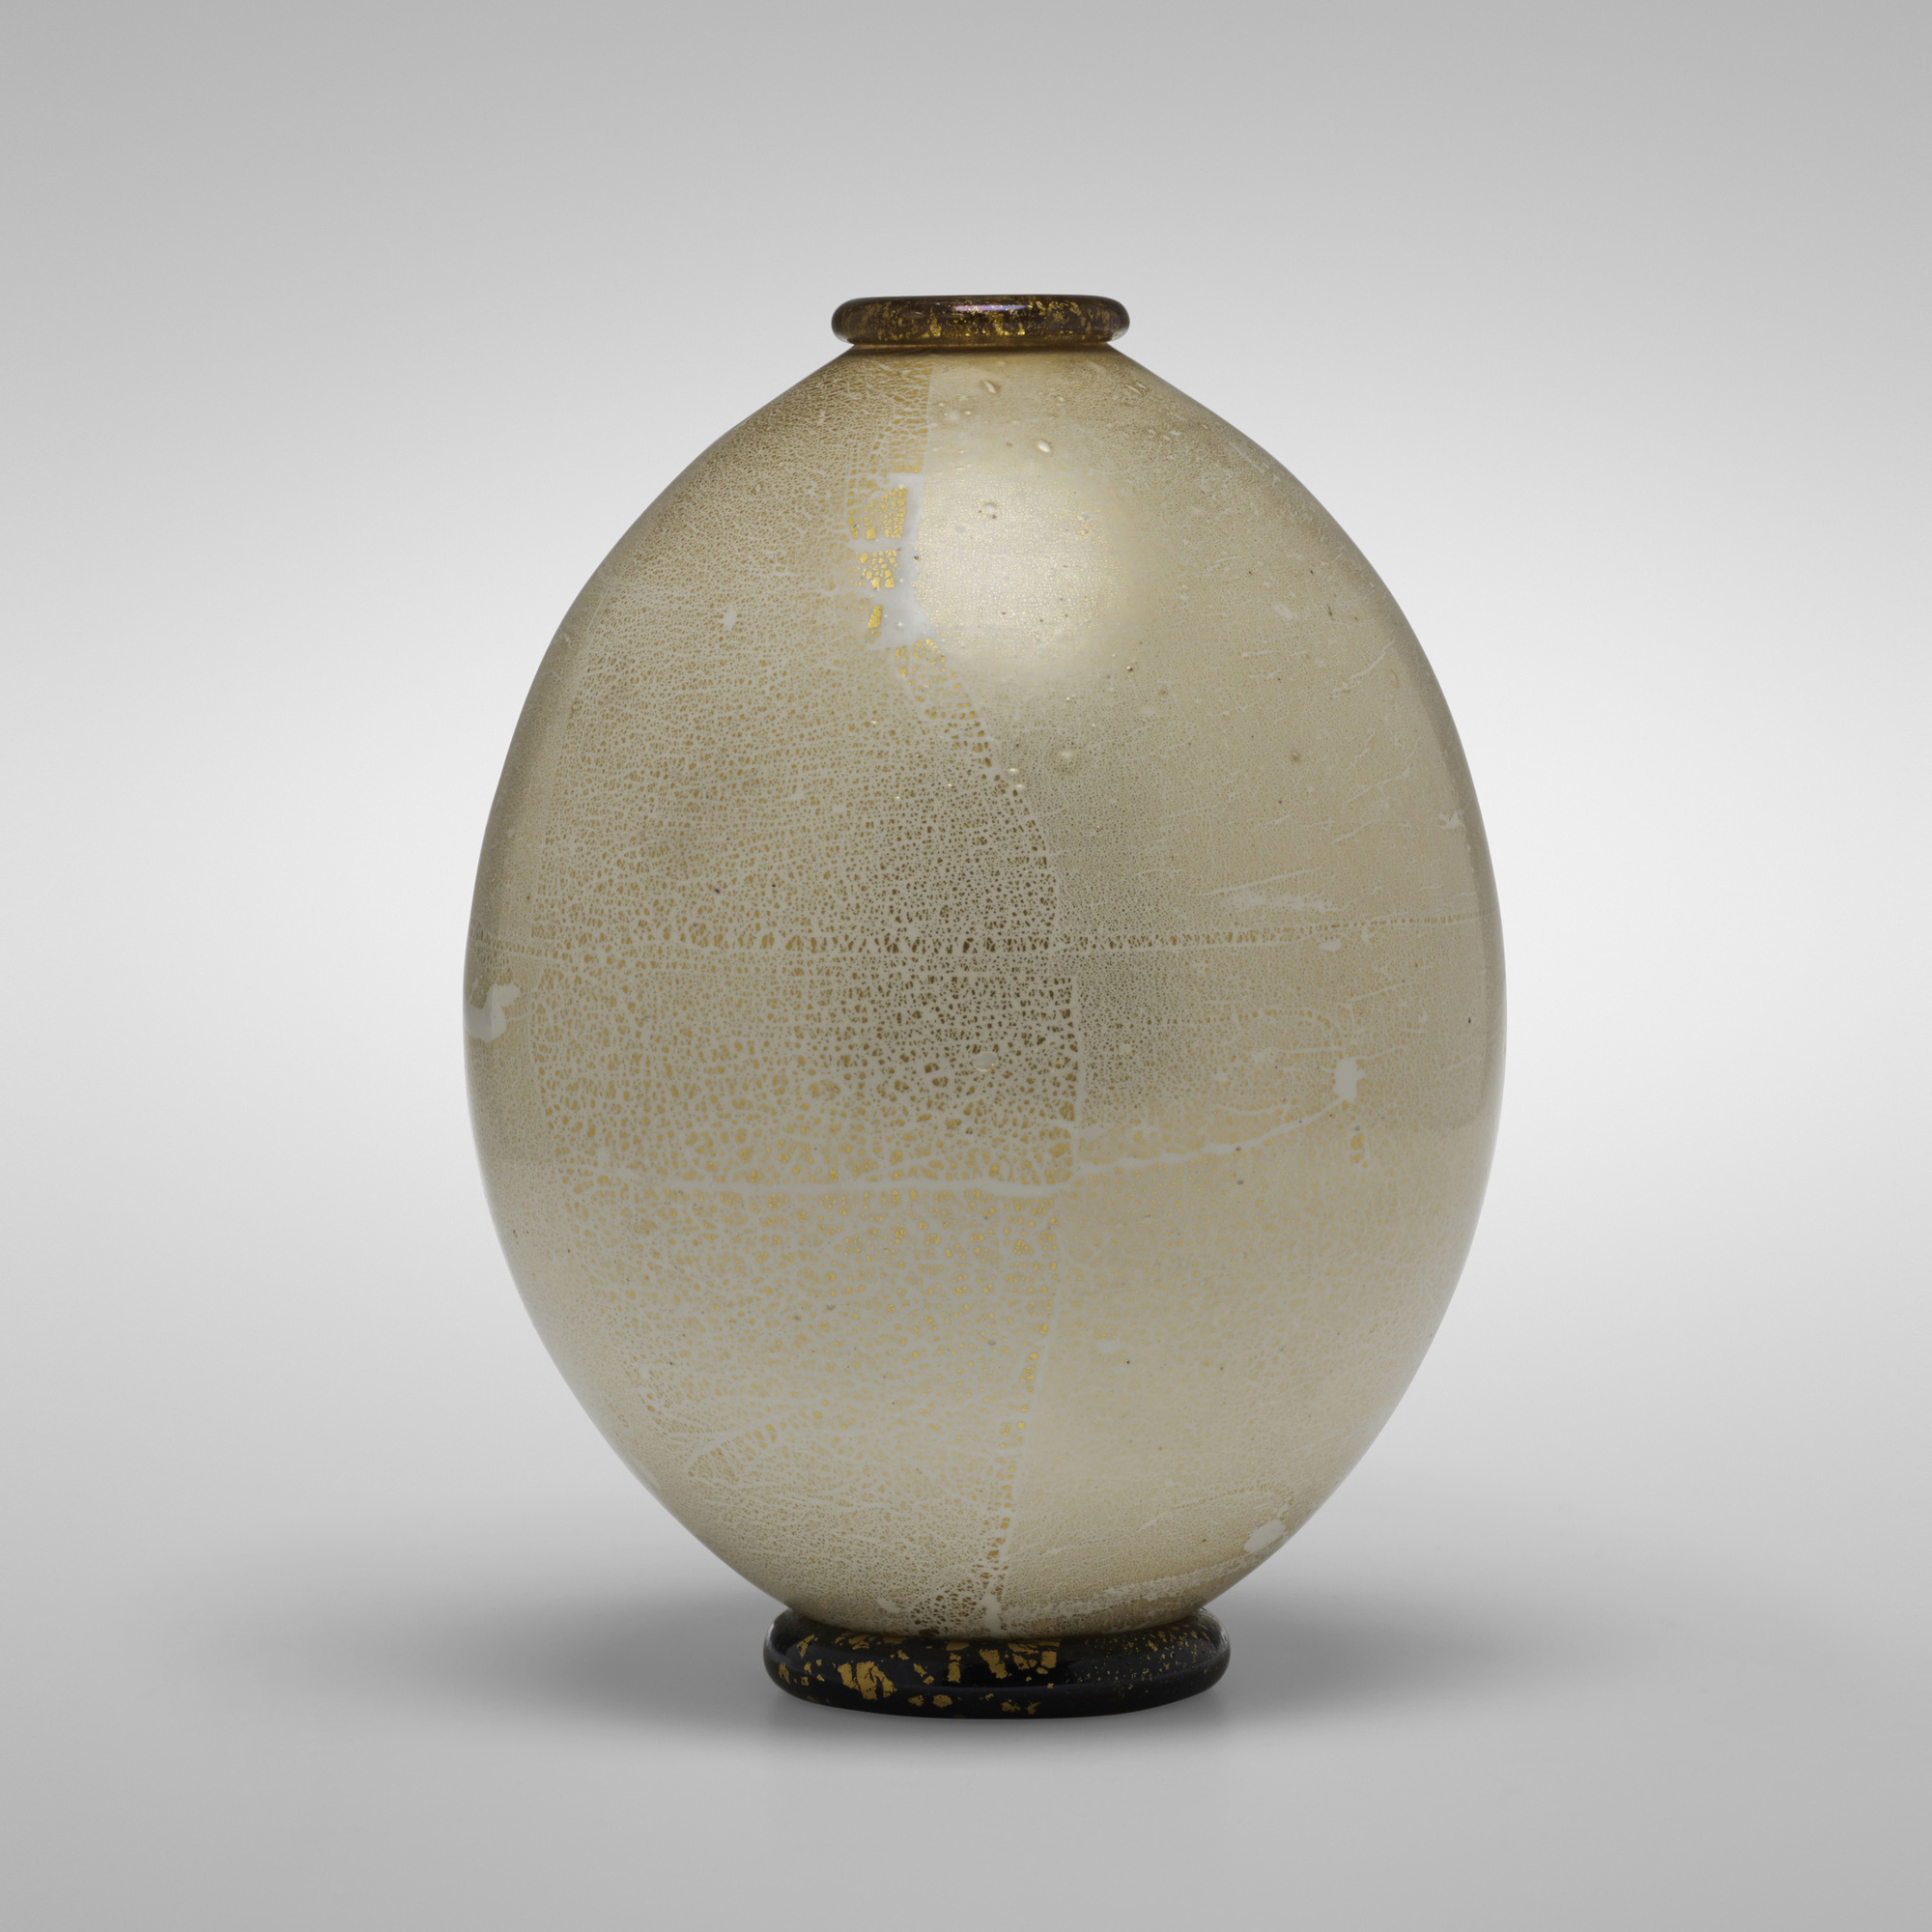 133 carlo scarpa lattimo oro vase important italian glass 20 133 carlo scarpa lattimo oro vase 1 of 2 floridaeventfo Image collections